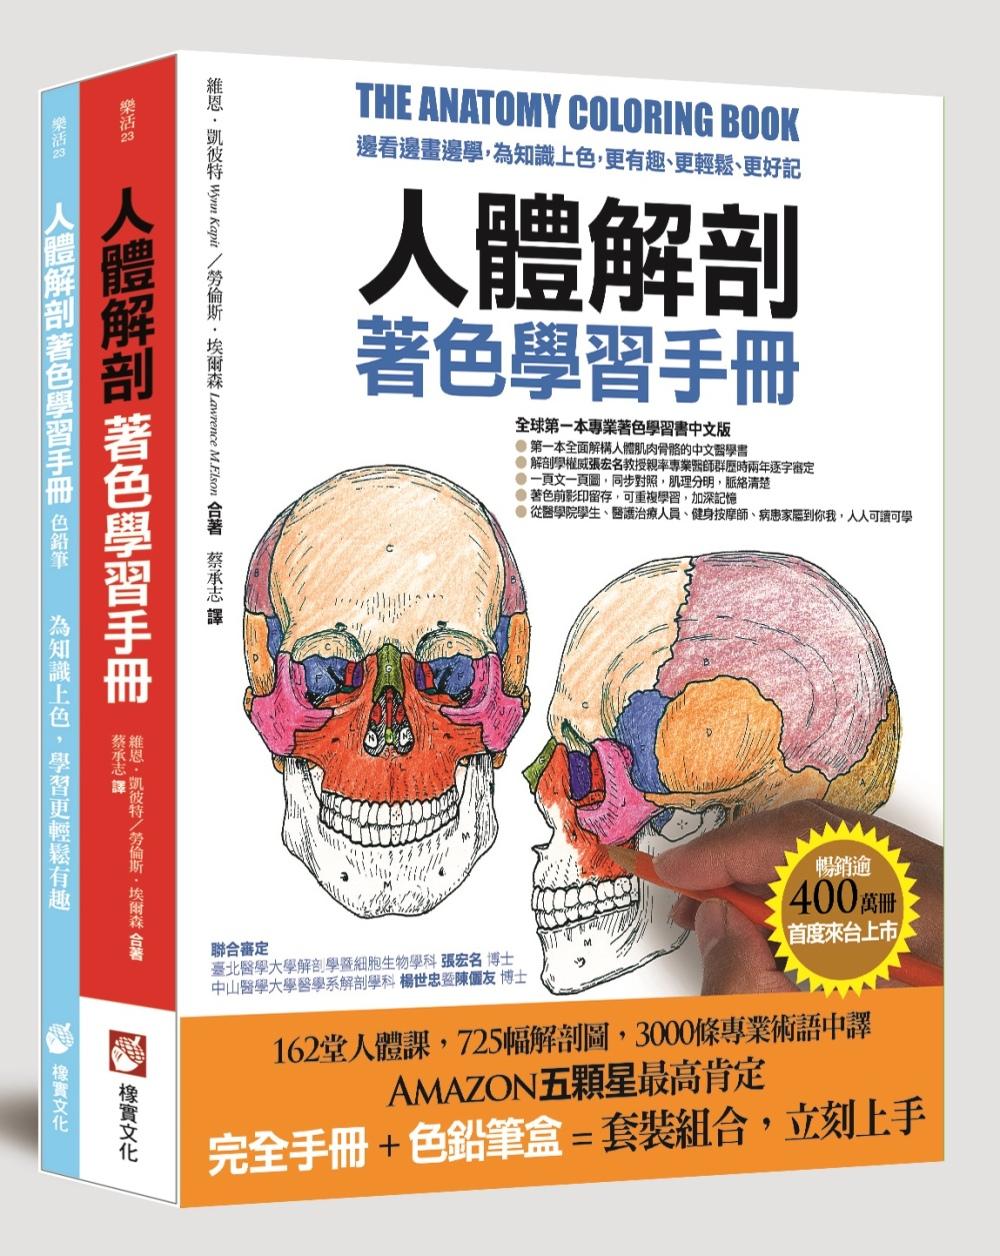 人體解剖著色學習手冊(附12色彩色鉛筆):邊看邊畫邊學,為知識上色,更有趣、更輕鬆、更好記